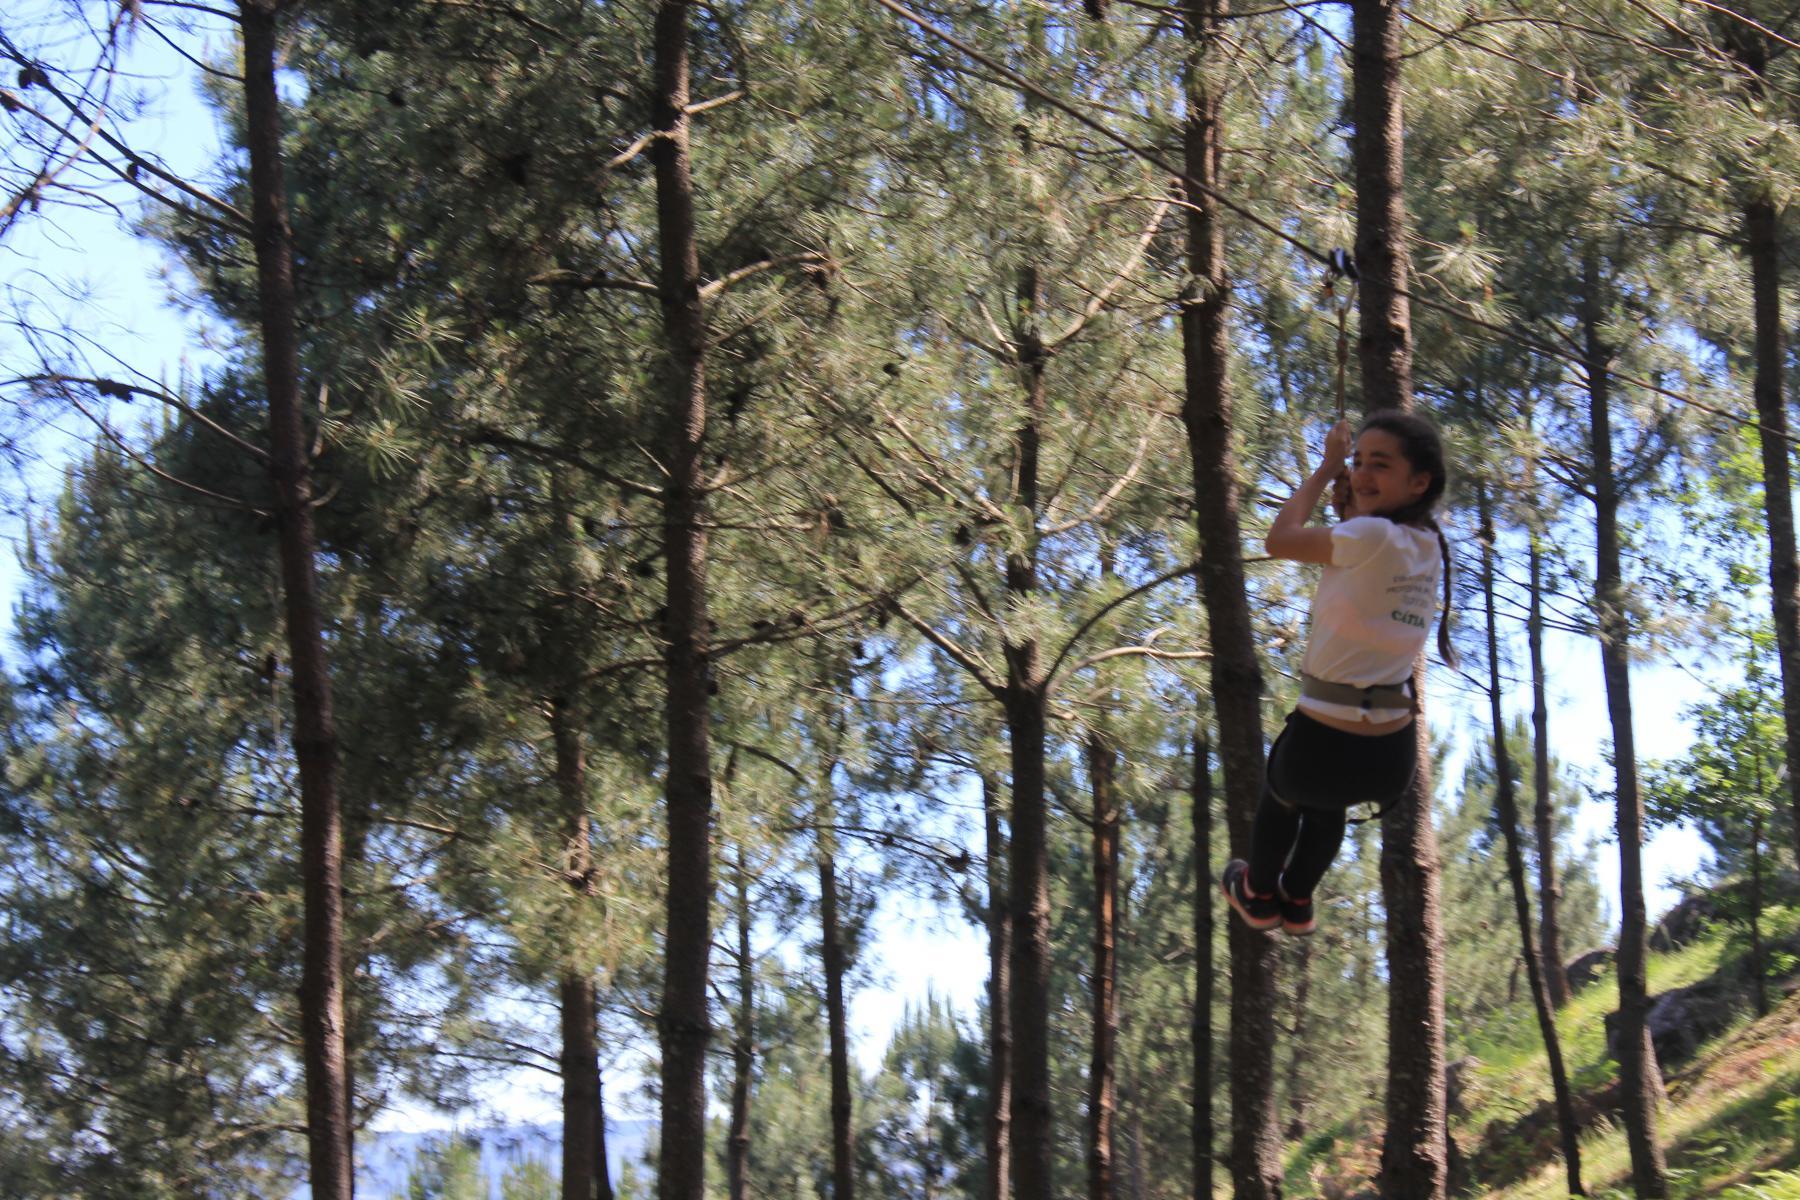 Visita ao Parque Aventura Diverlanhoso